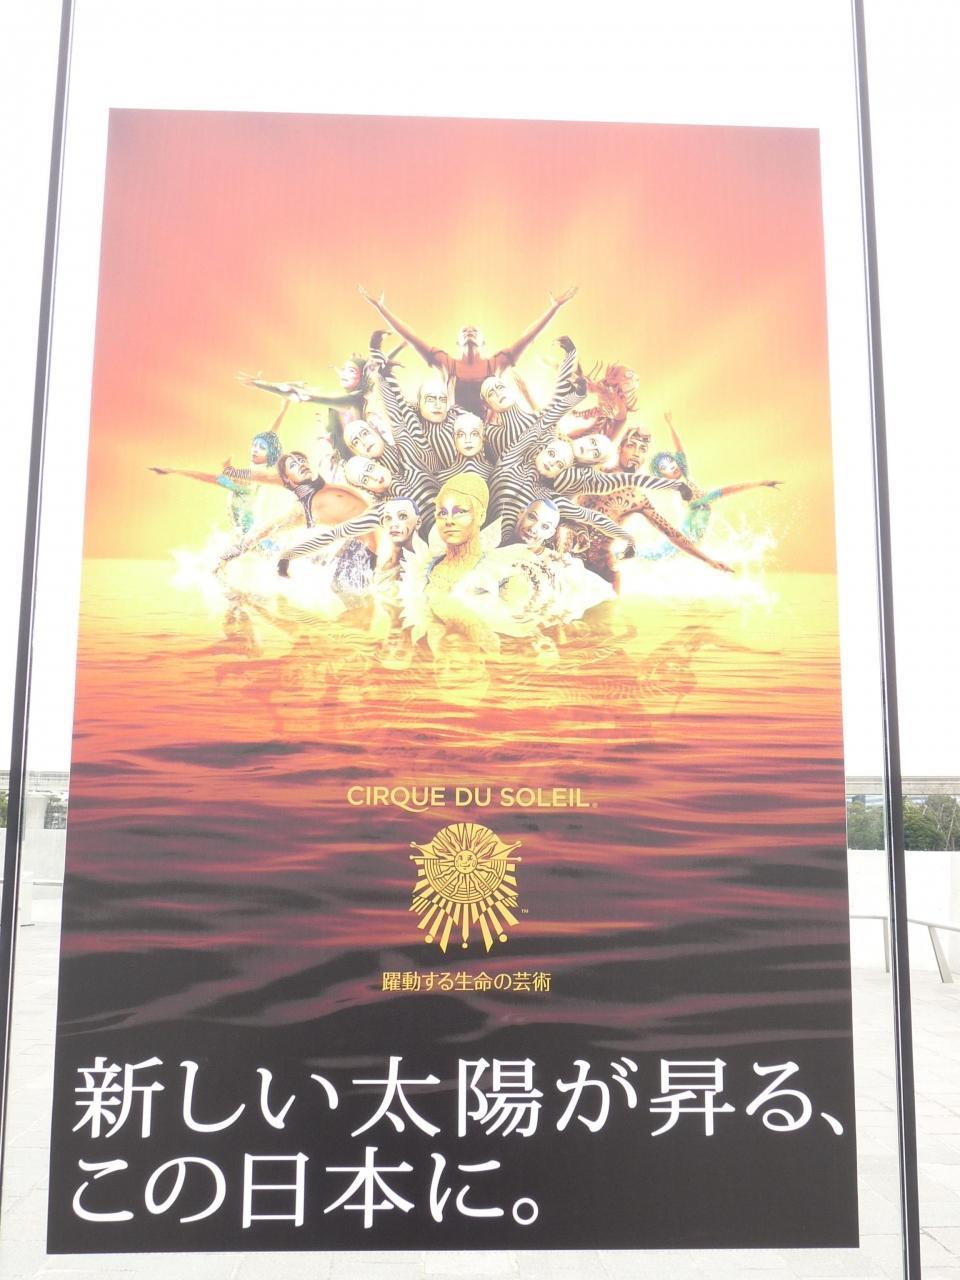 舞浜で魔法にかかりました! zed&tds』東京ディズニーリゾート(千葉県